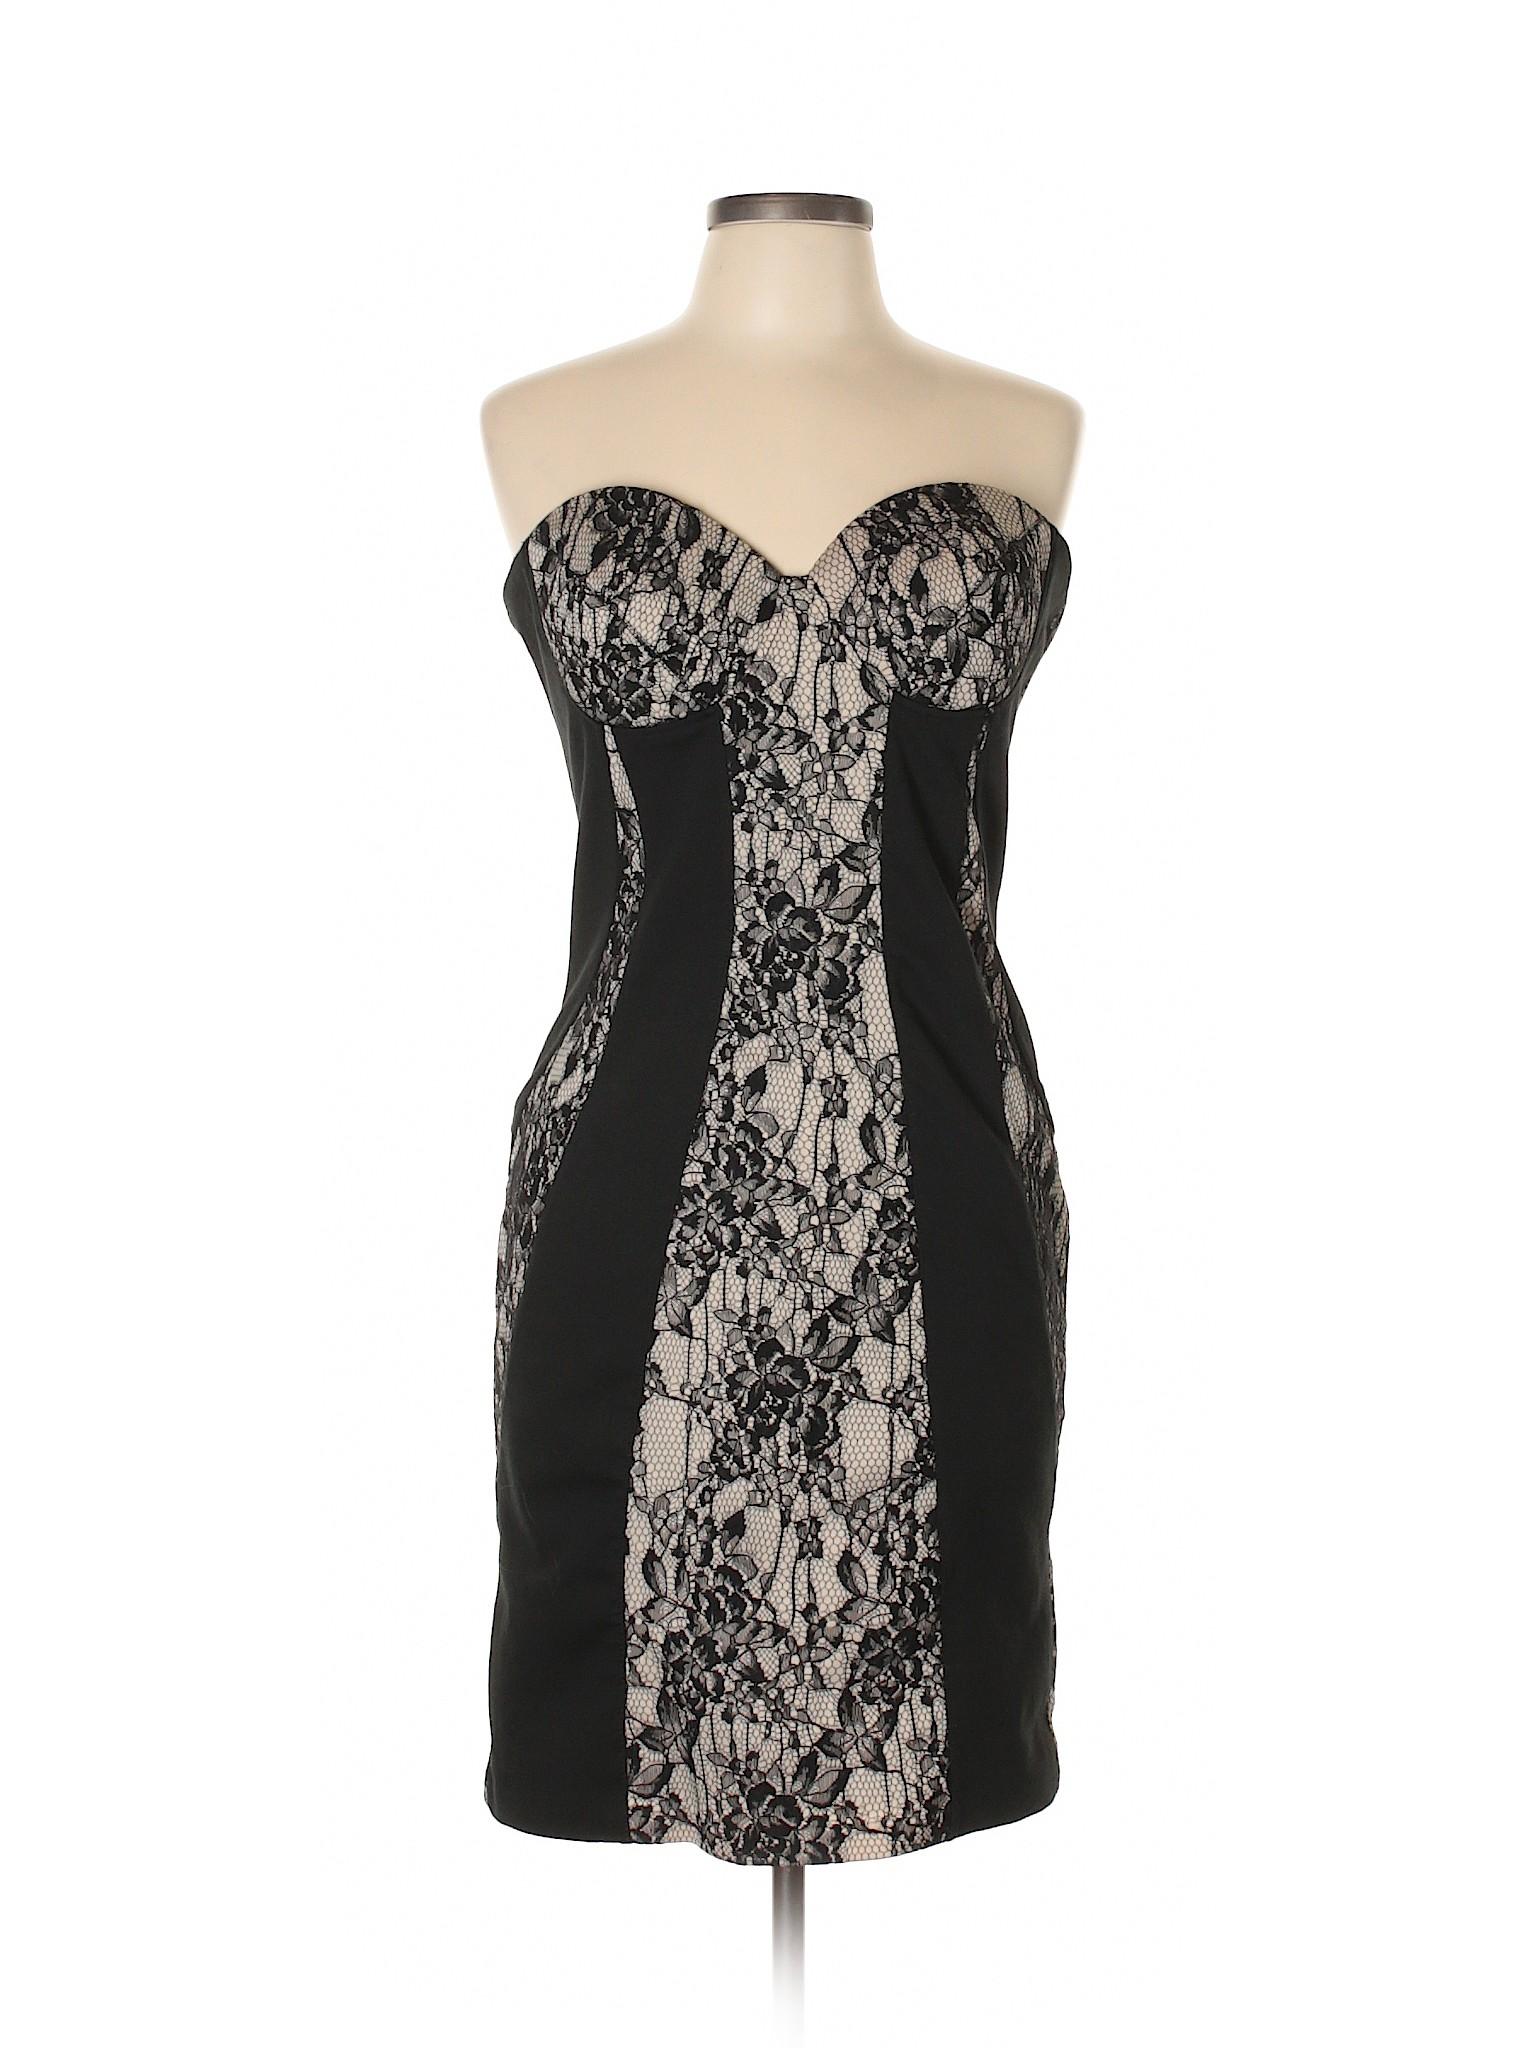 Kollection Boutique winter Dress Kardashian Cocktail SwzCOq0x